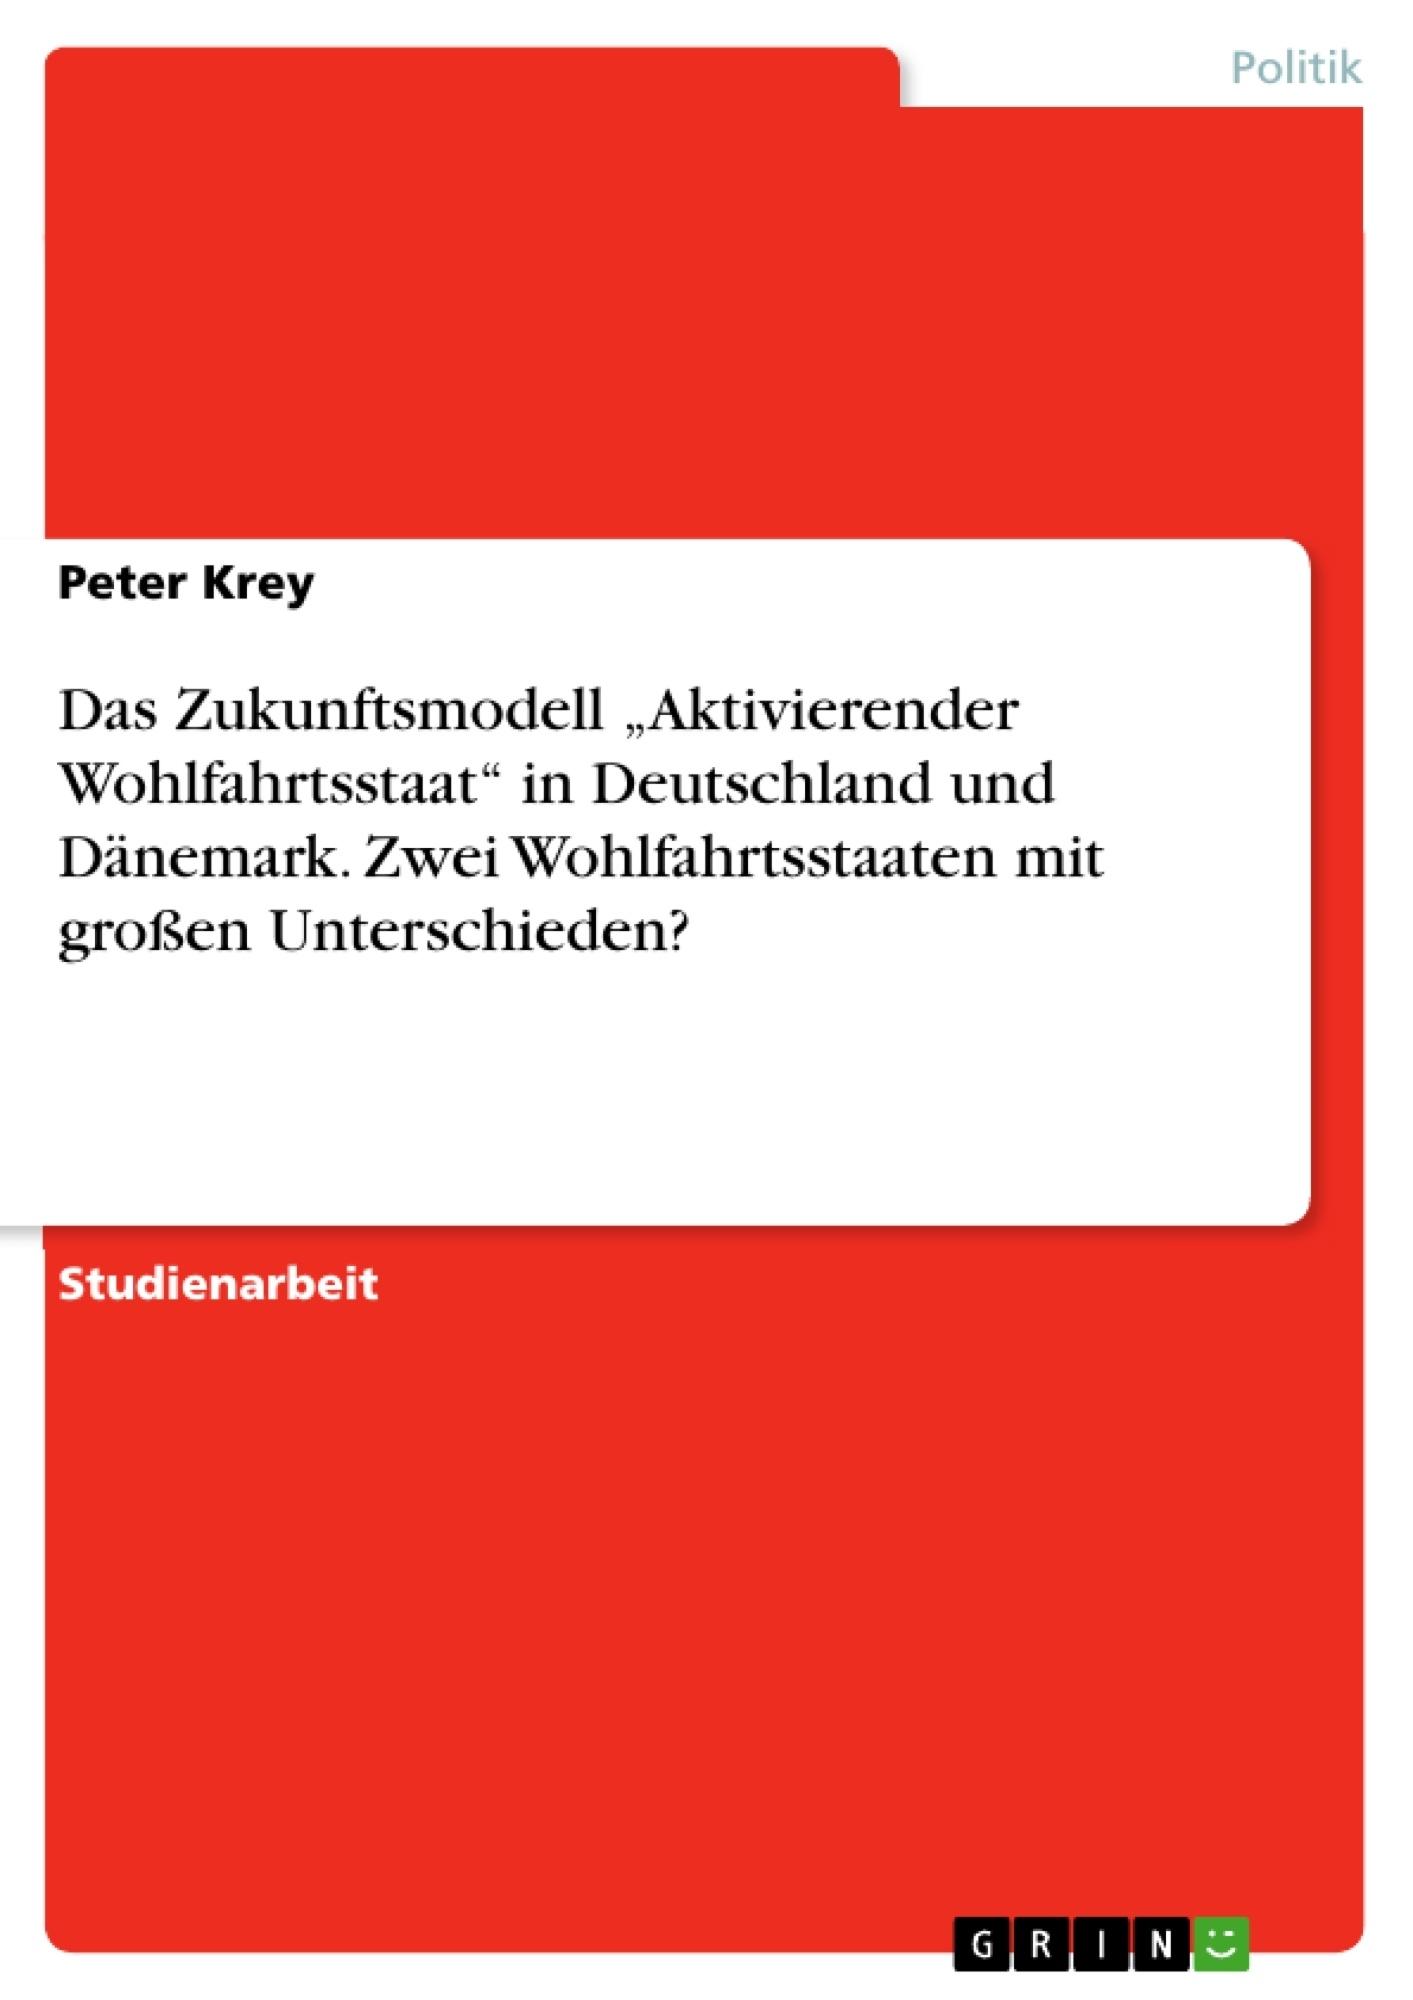 """Titel: Das Zukunftsmodell  """"Aktivierender Wohlfahrtsstaat"""" in Deutschland und Dänemark. Zwei Wohlfahrtsstaaten mit großen Unterschieden?"""